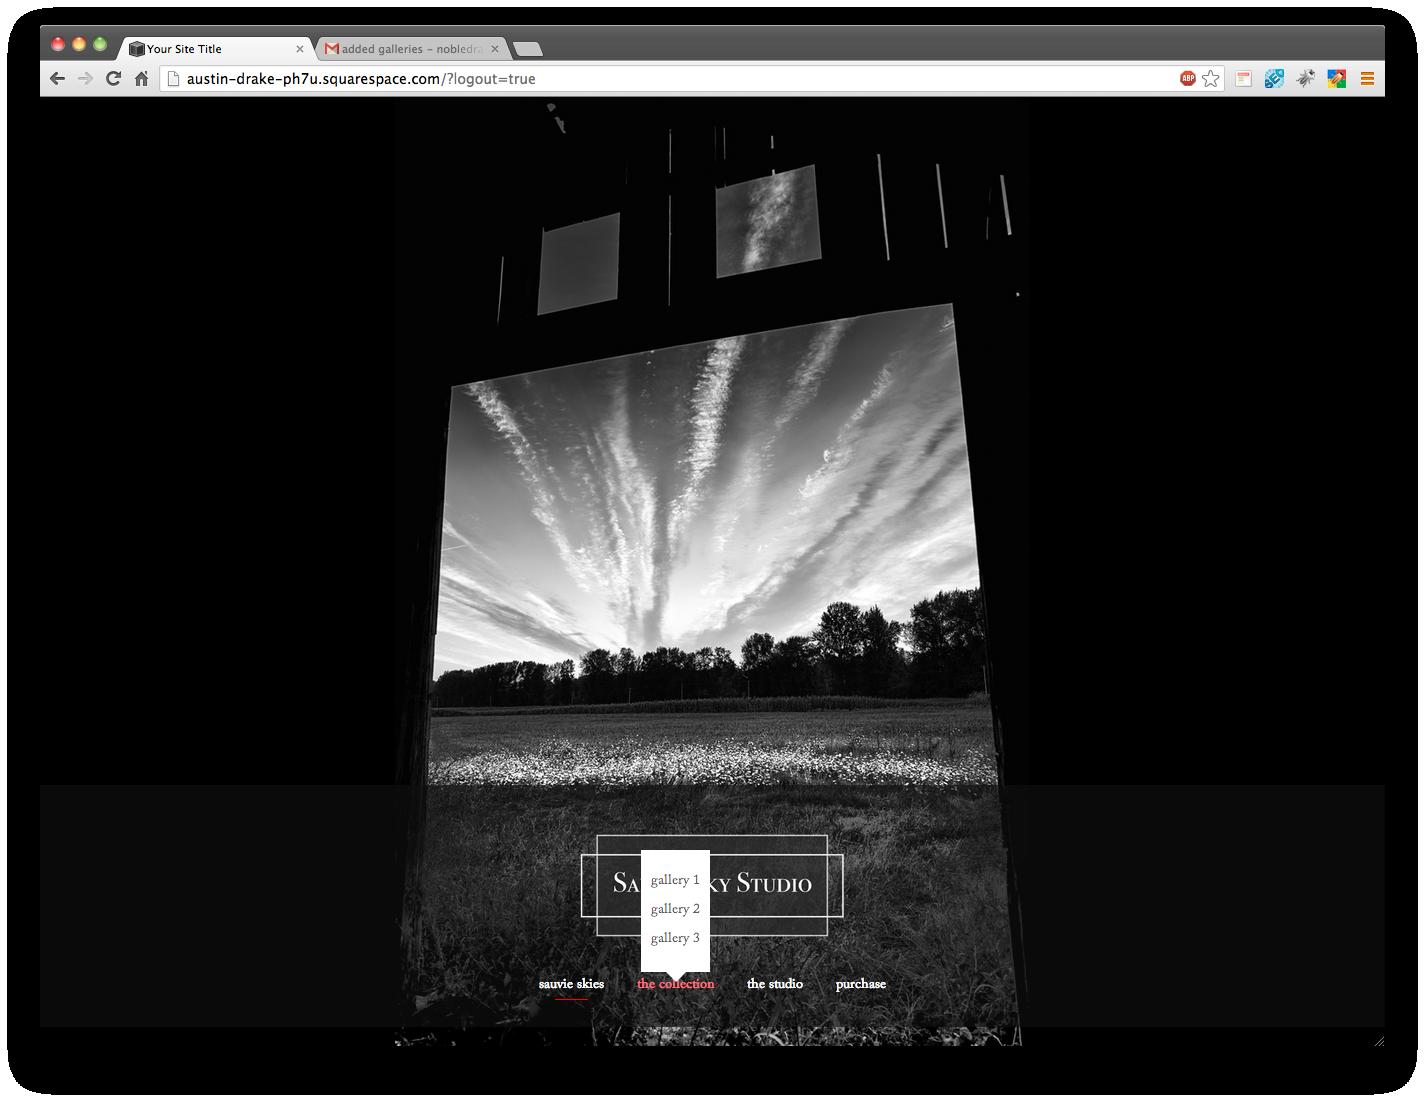 Screen shot 2013-08-30 at 1.51.27 AM.png